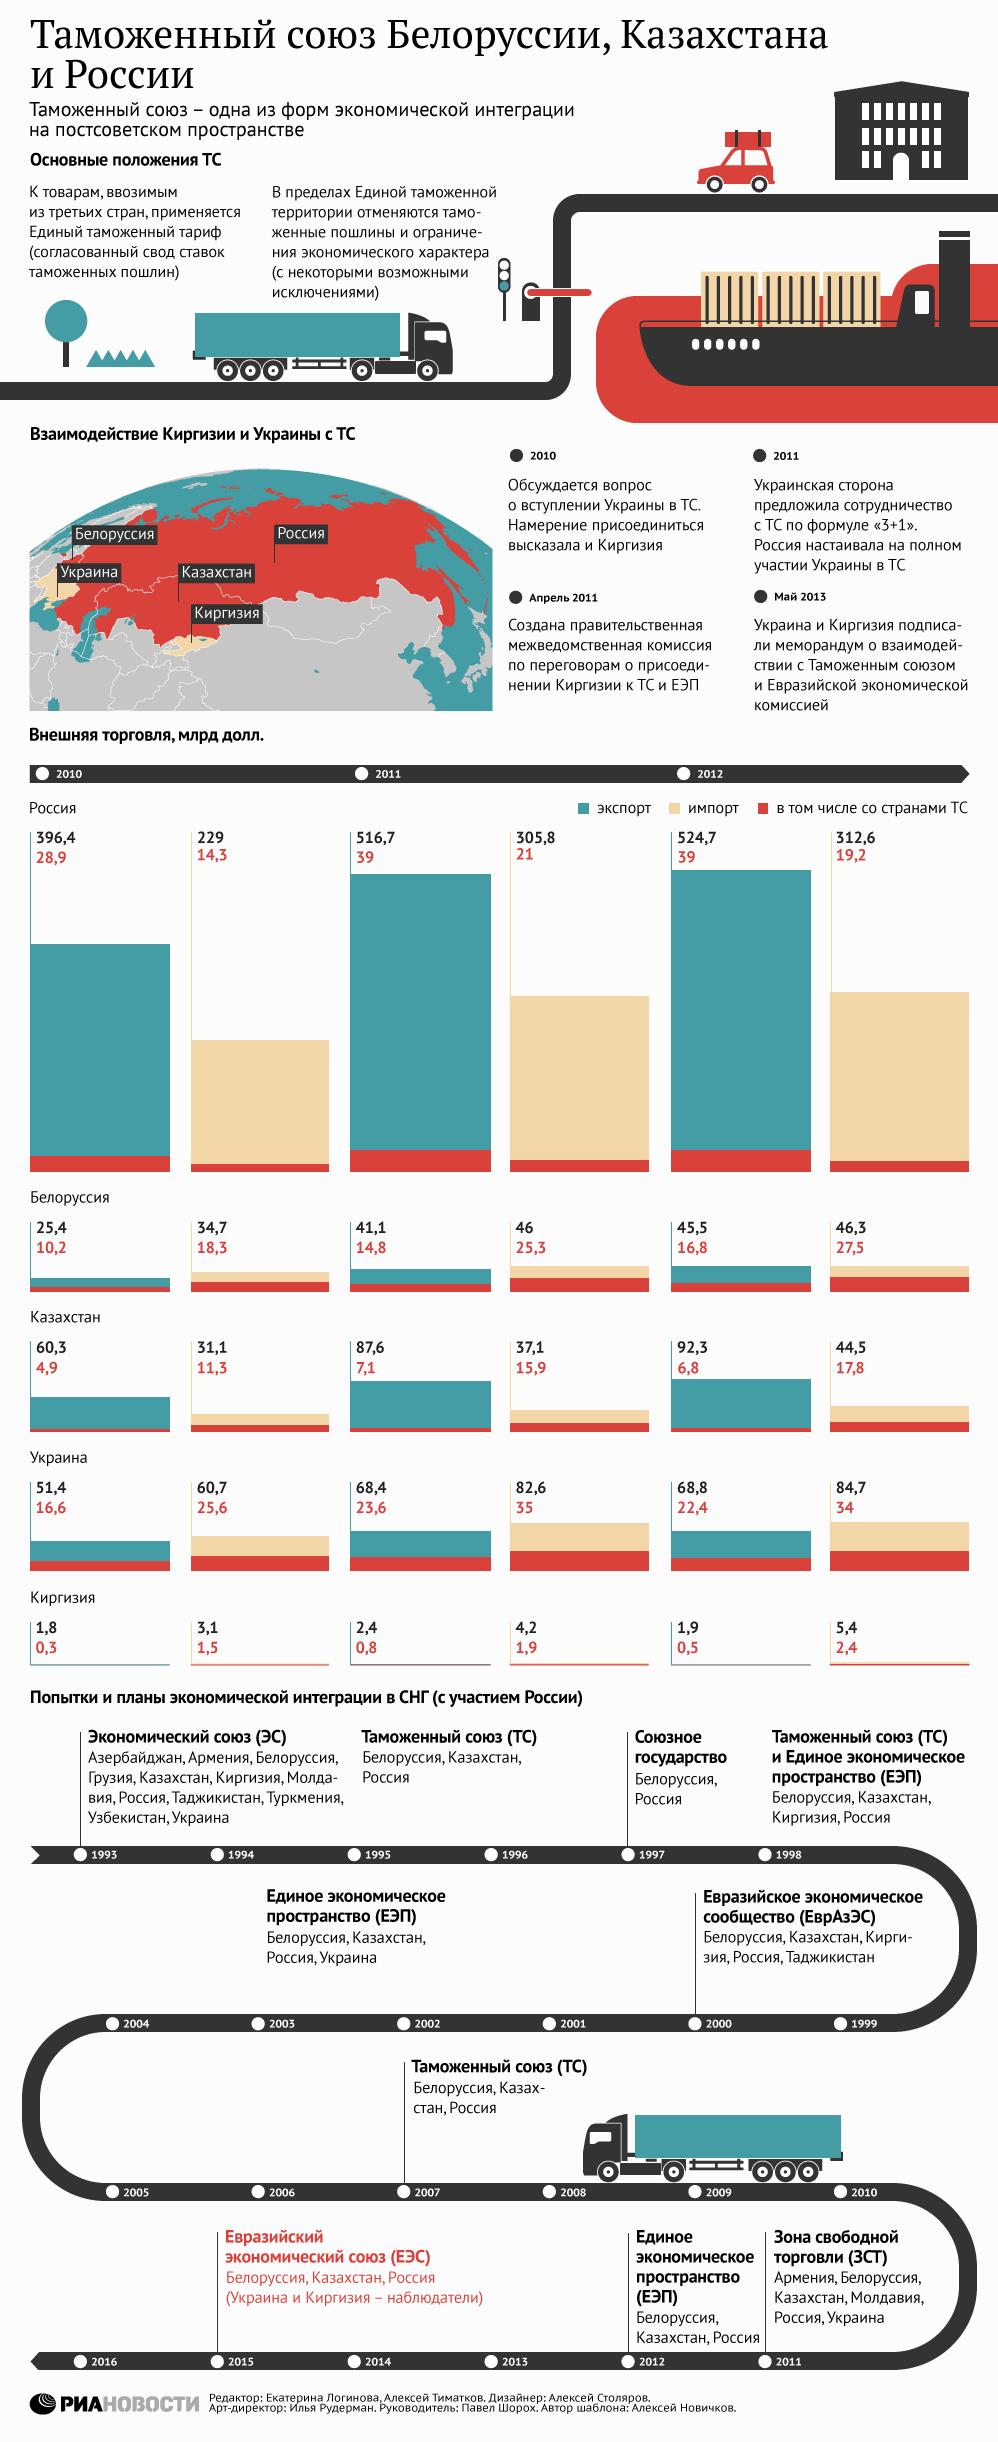 Таможенные ставки белорусии и росии